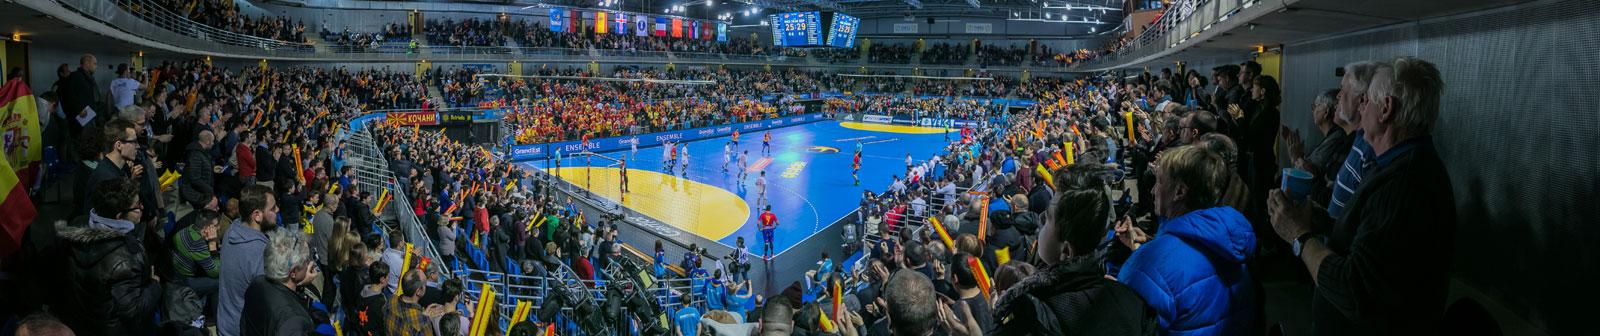 Photo of Mondial de handball 2017 à Metz : retour en images sur une semaine phénoménale